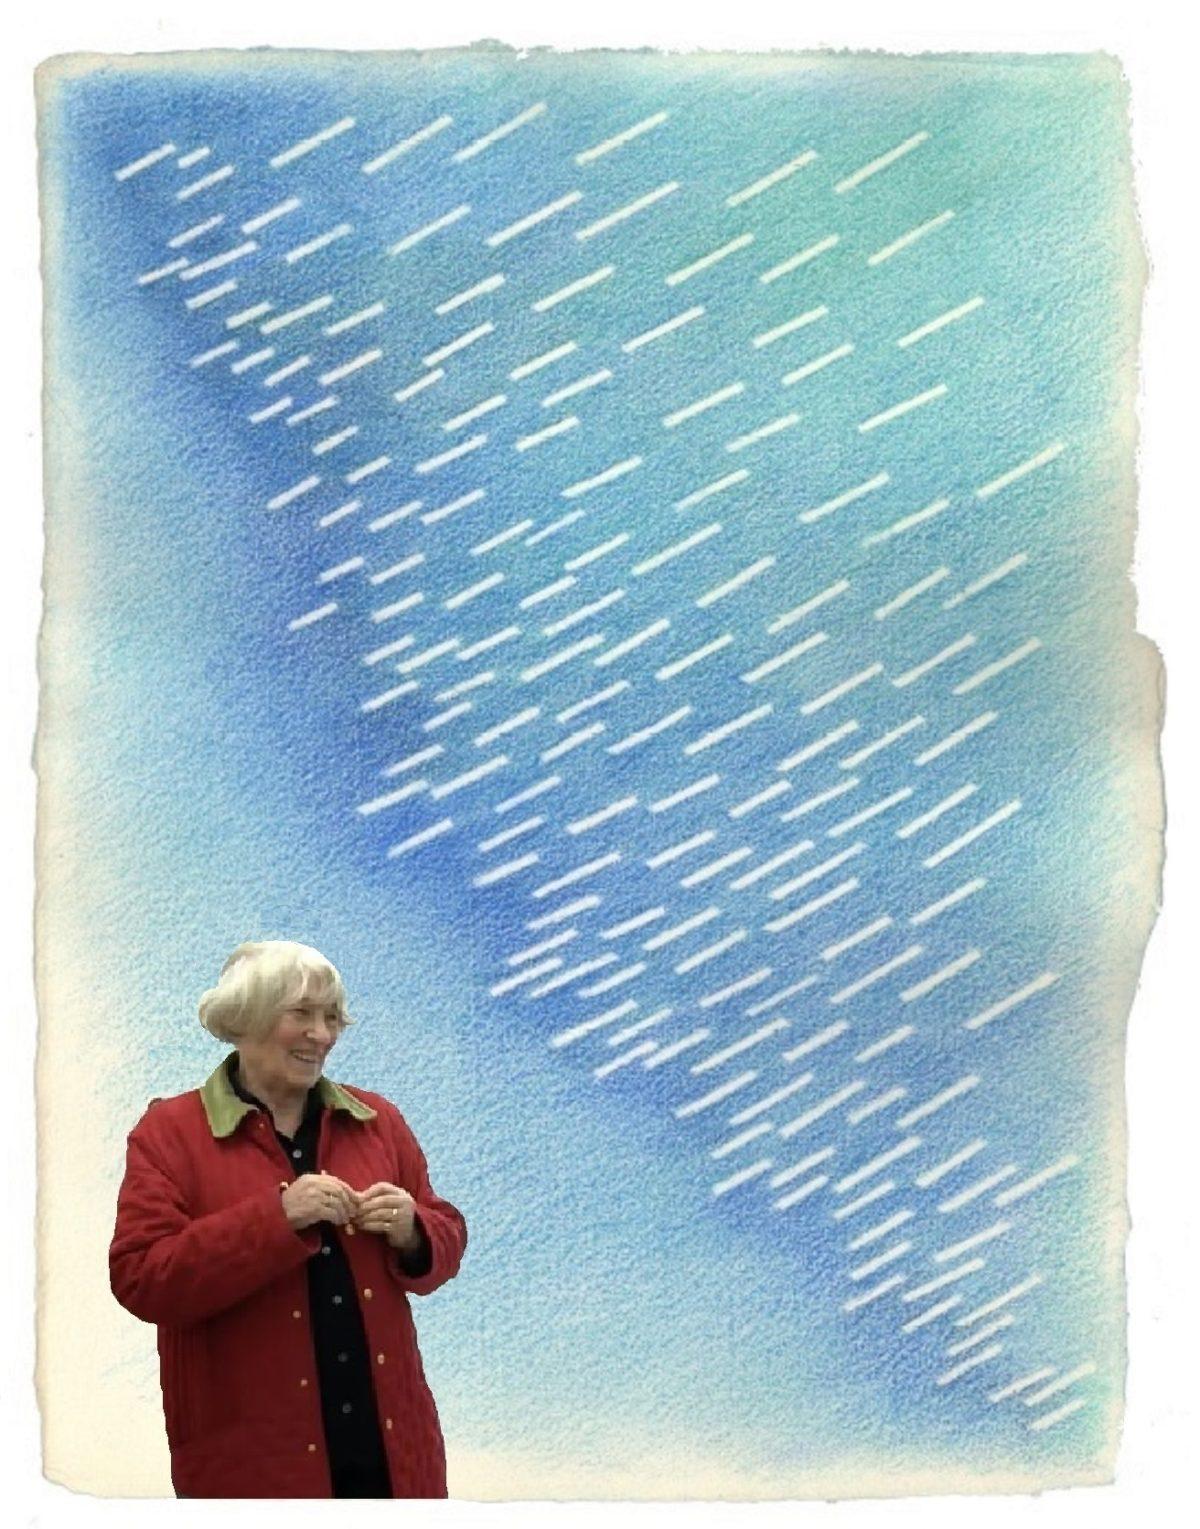 Viaggi e costellazioni alla ricerca dell'infinito